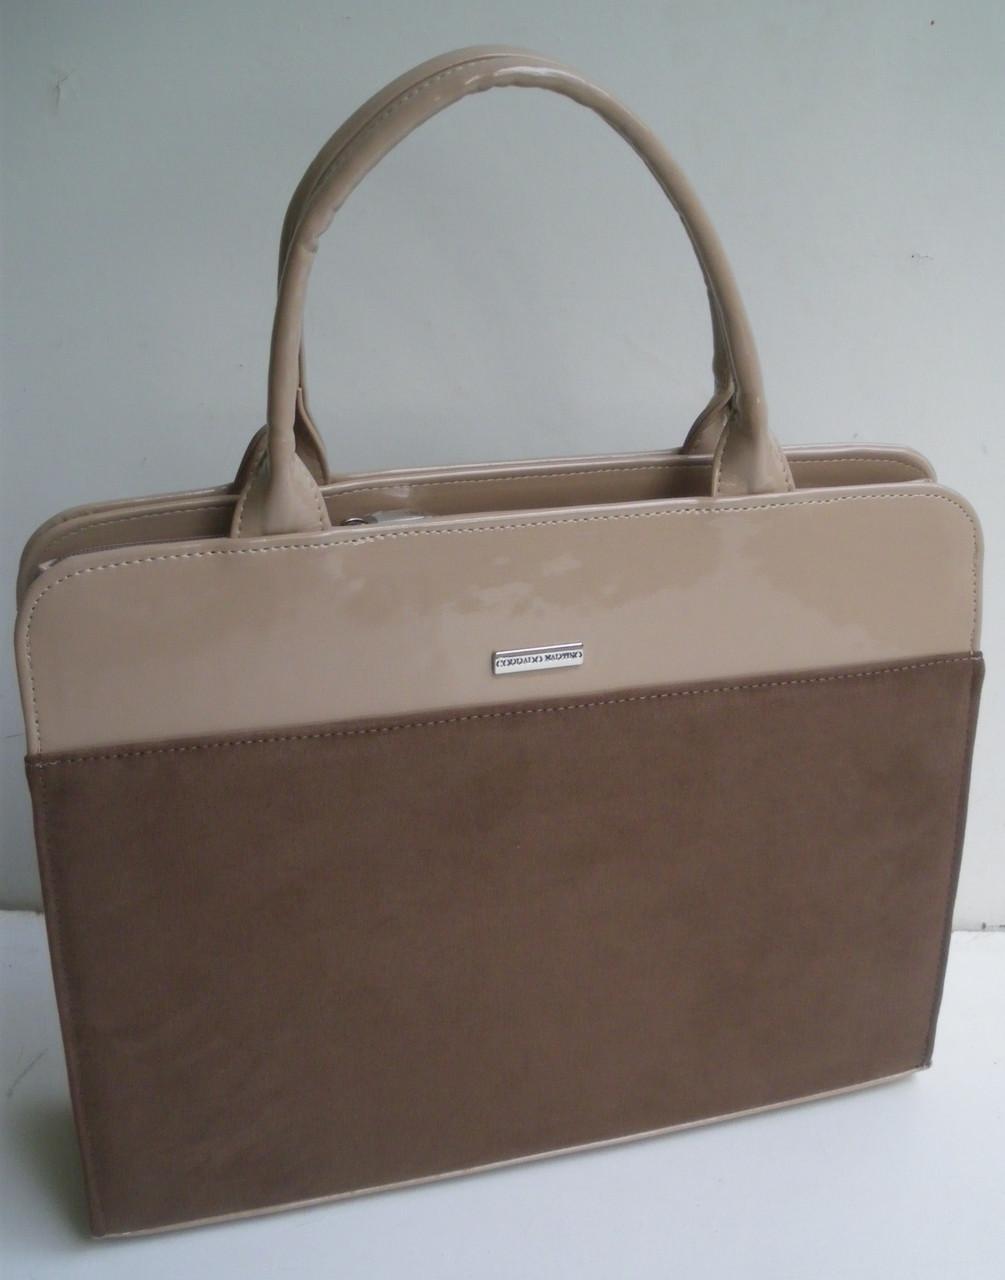 5b27e2684c78 Женская сумка-портфель для документов и ноутбука Corrado Martino. -  Чемоданчик в Закарпатской области